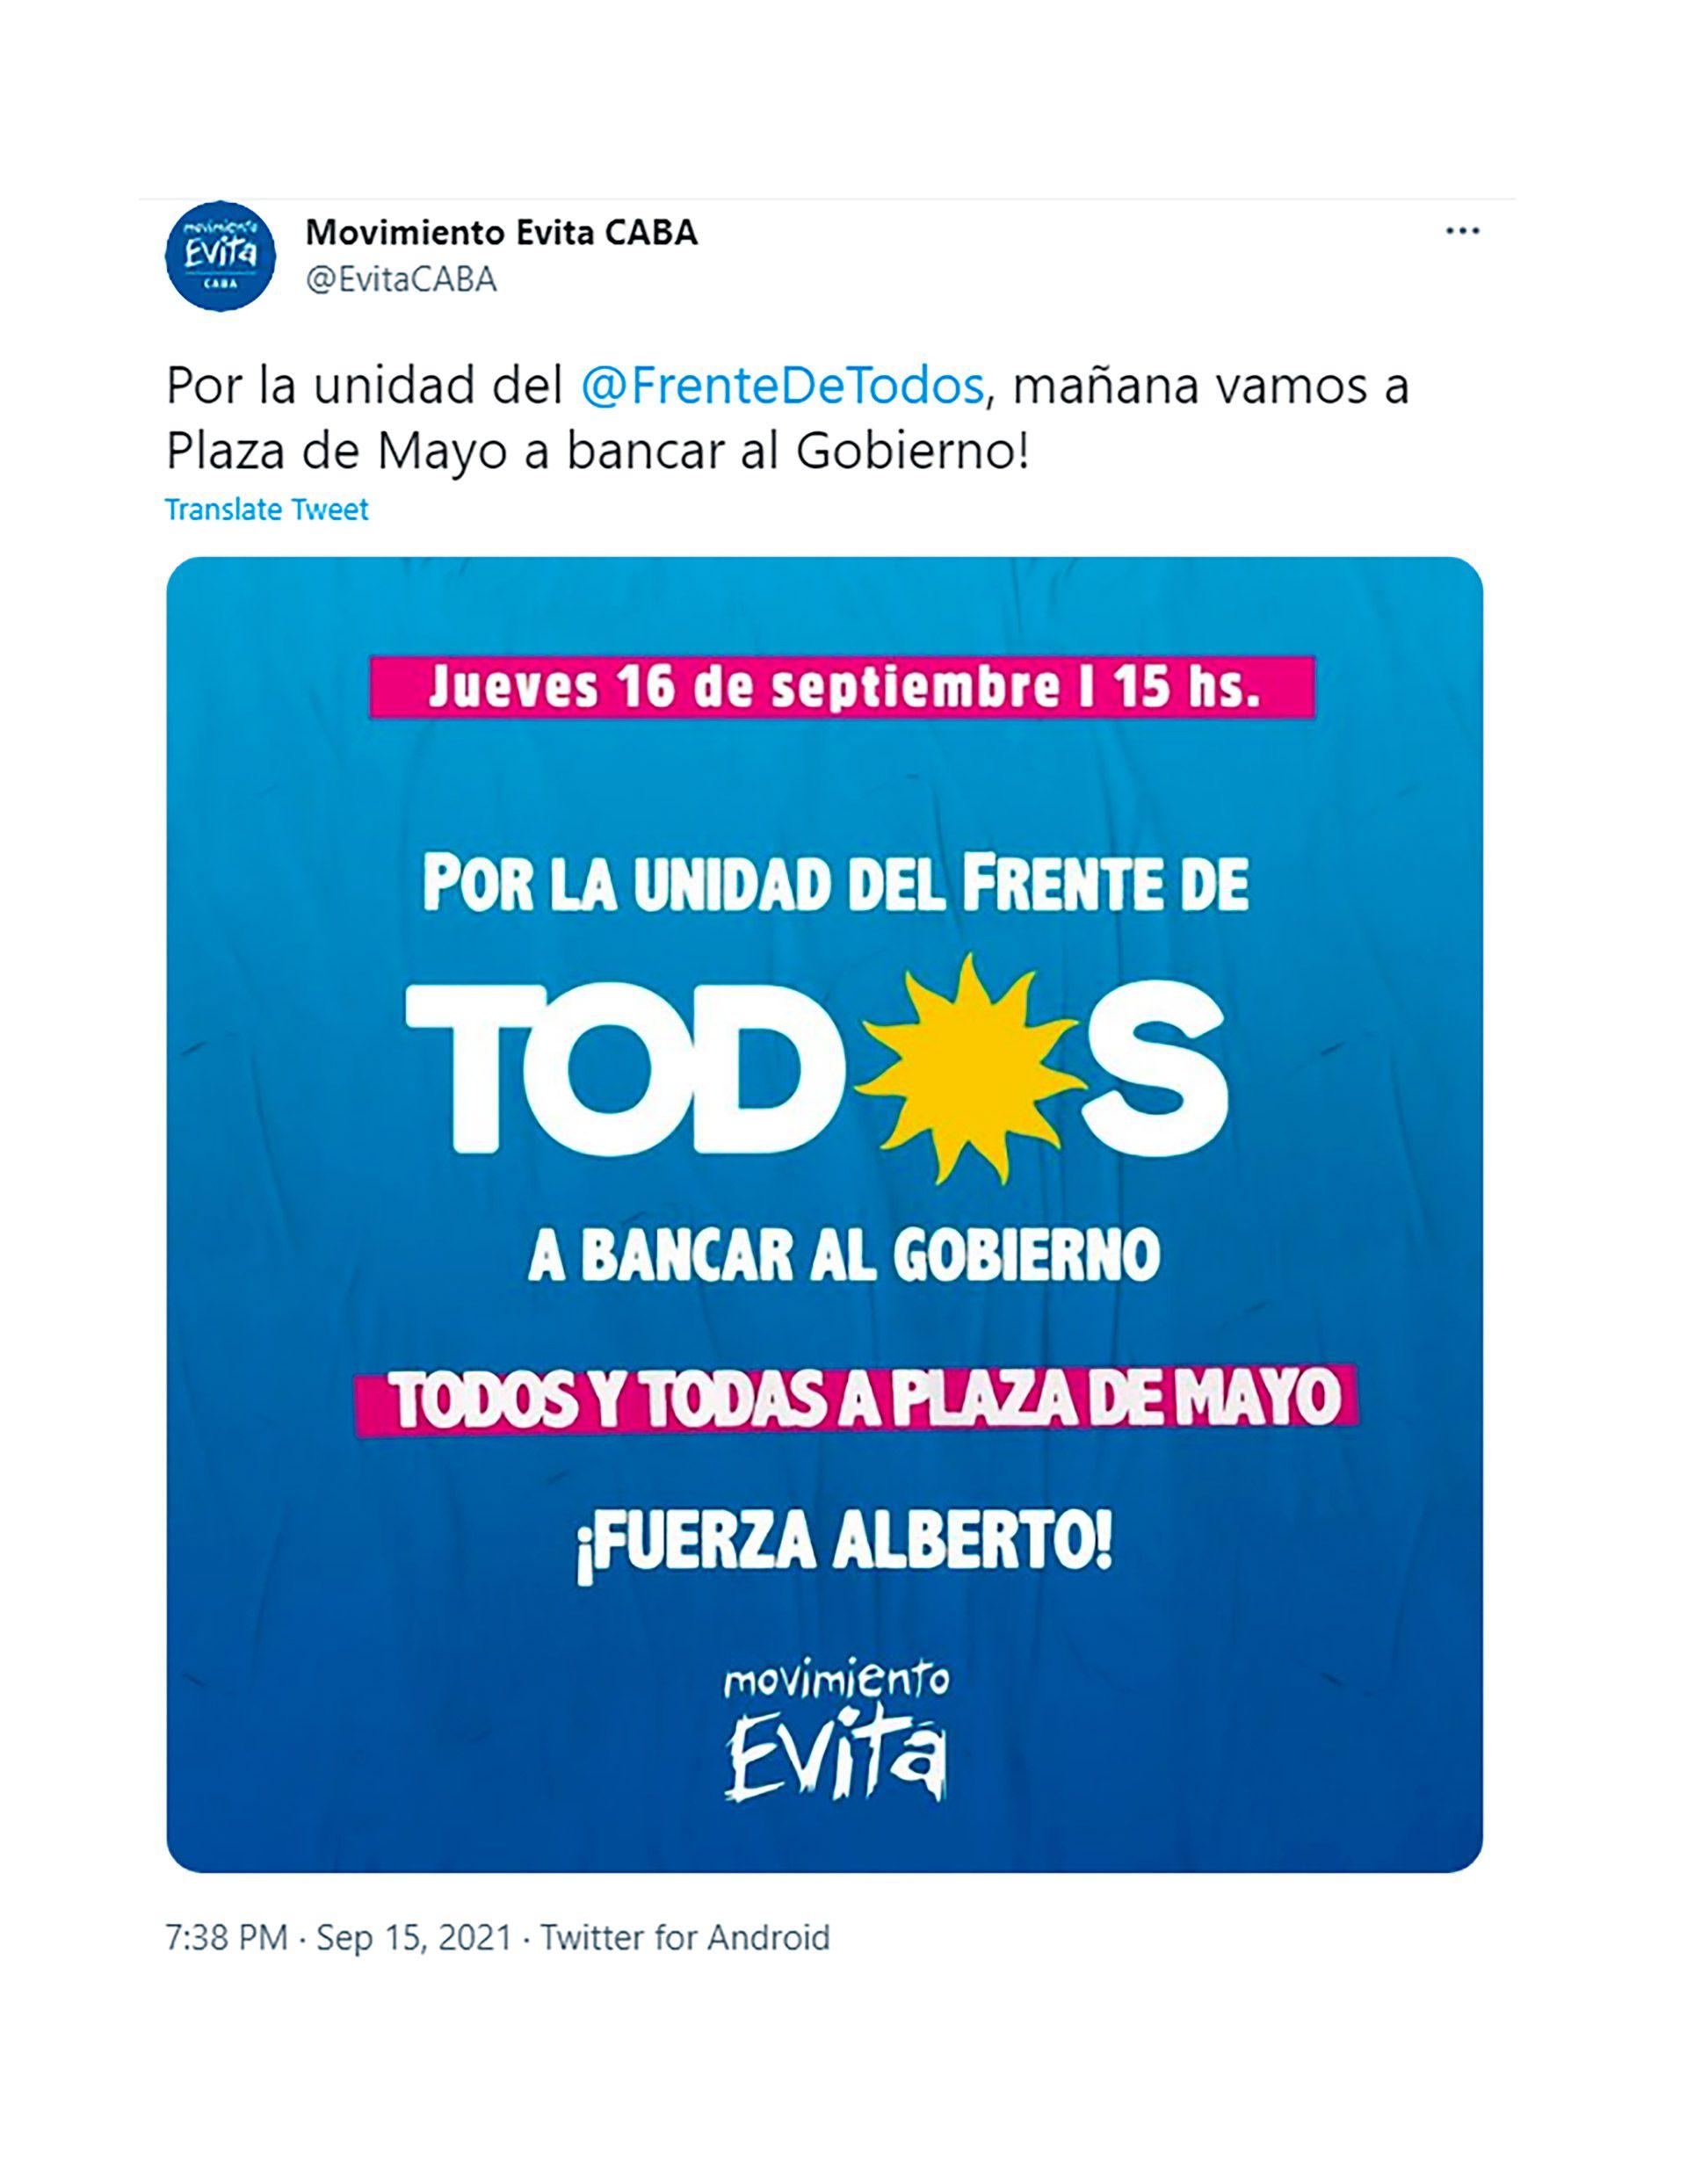 movimiento evita marcha plaza de mayo apoyo Alberto Fernandez